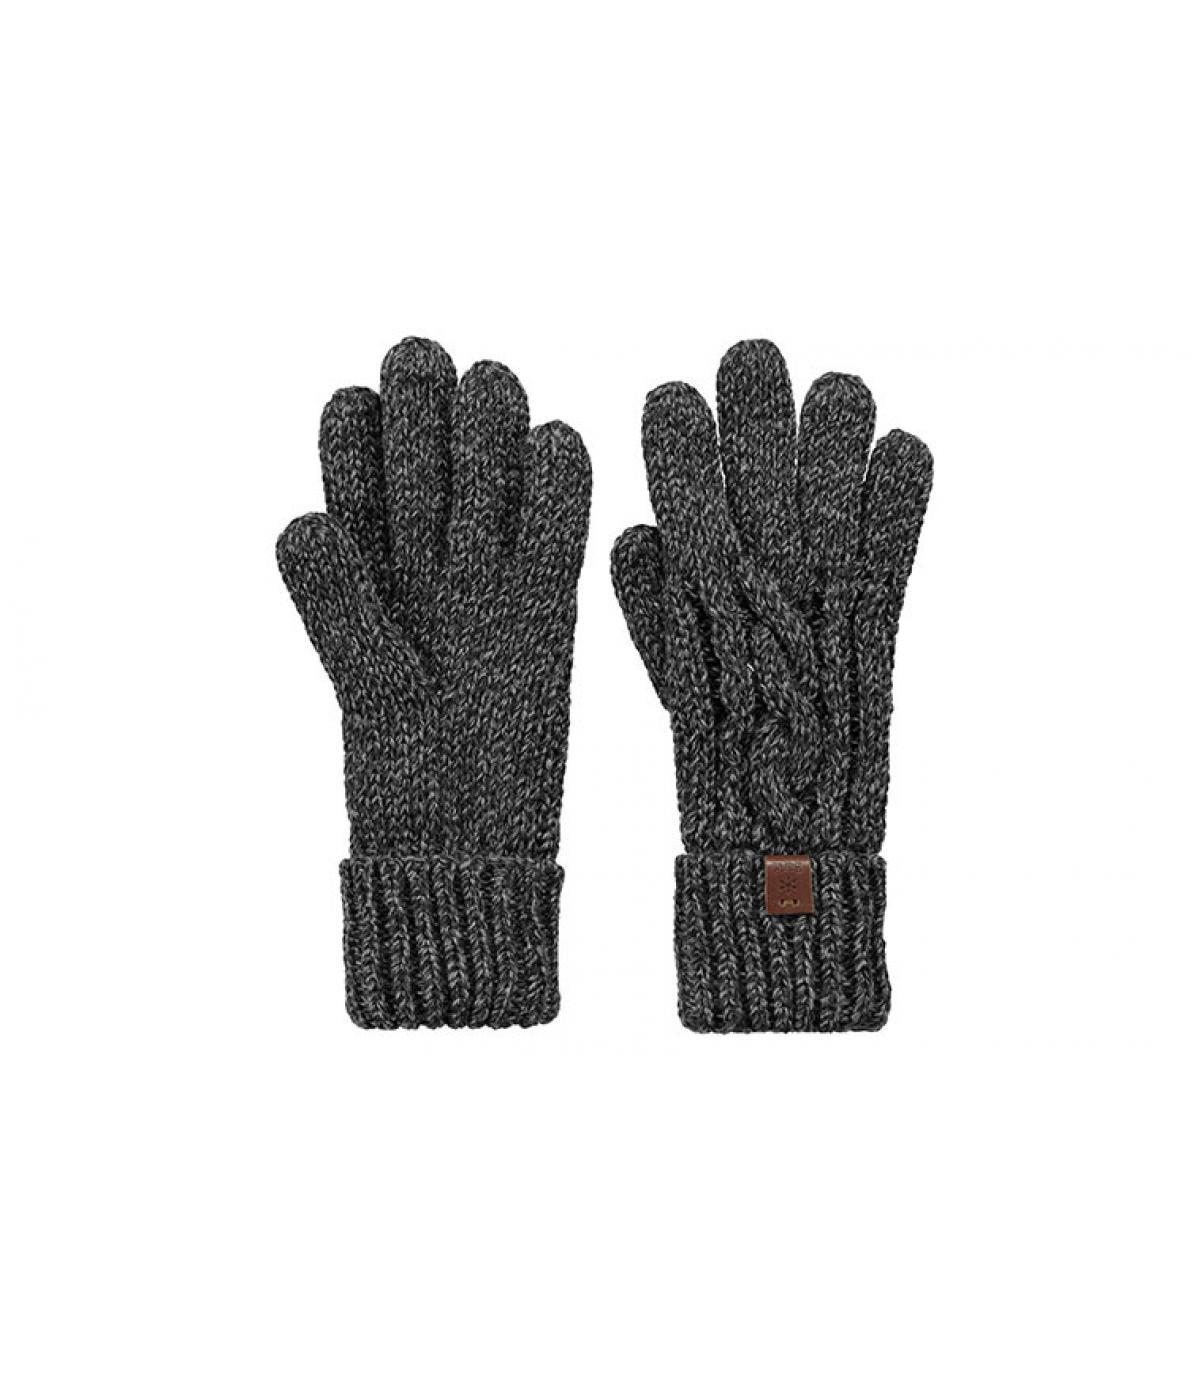 Details Twister Gloves black - afbeeling 2